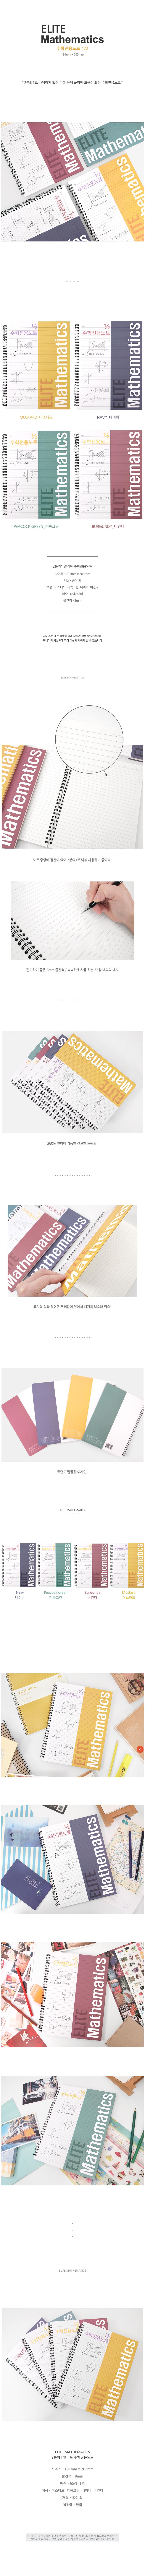 2분의1 엘리트 수학전용노트 - 투영, 3,500원, 스프링노트, 유선노트